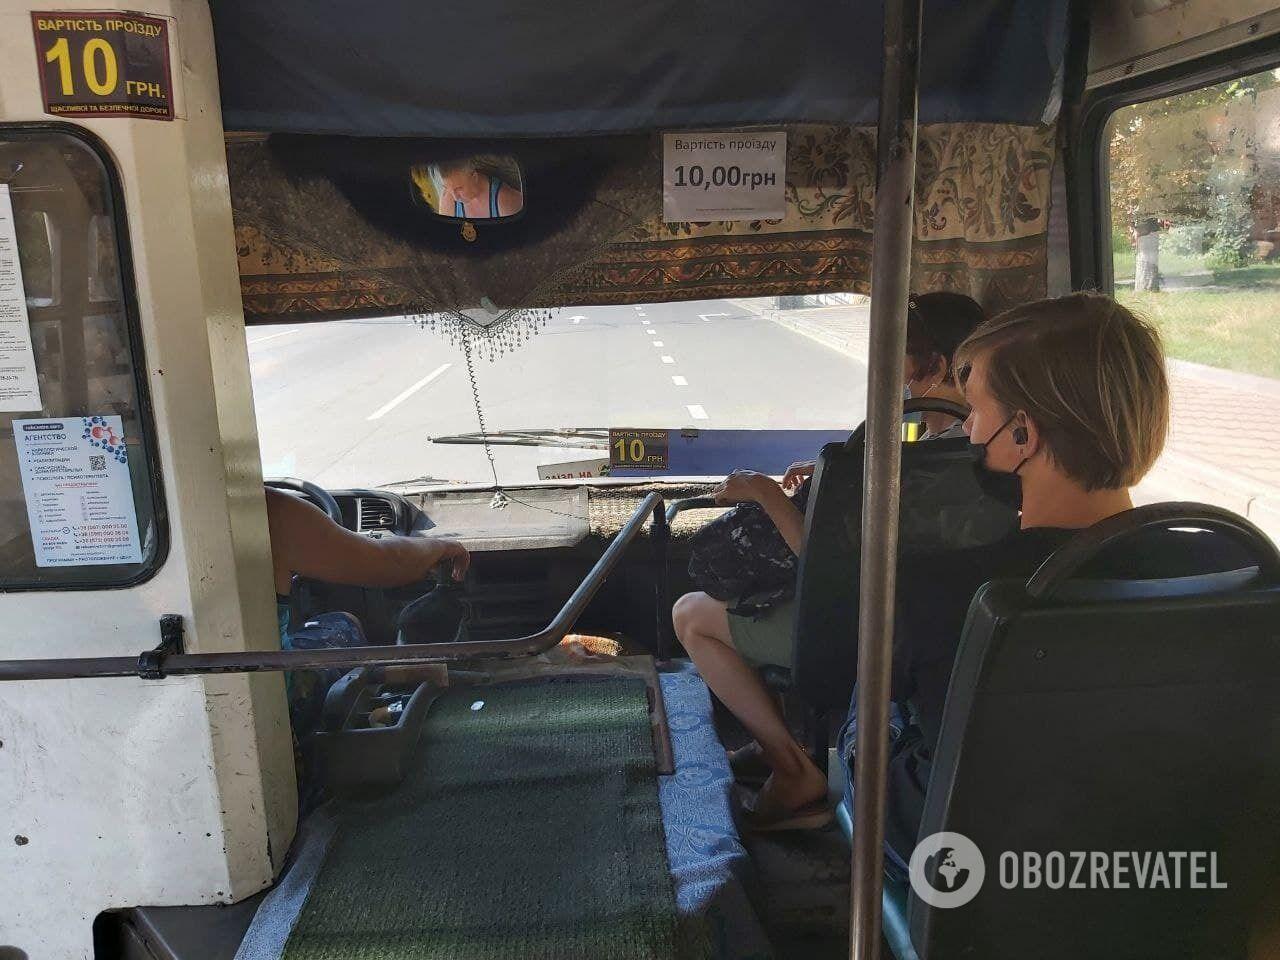 Маршрутки в Києві застарілі, а водії часто поводяться по-хамськи.